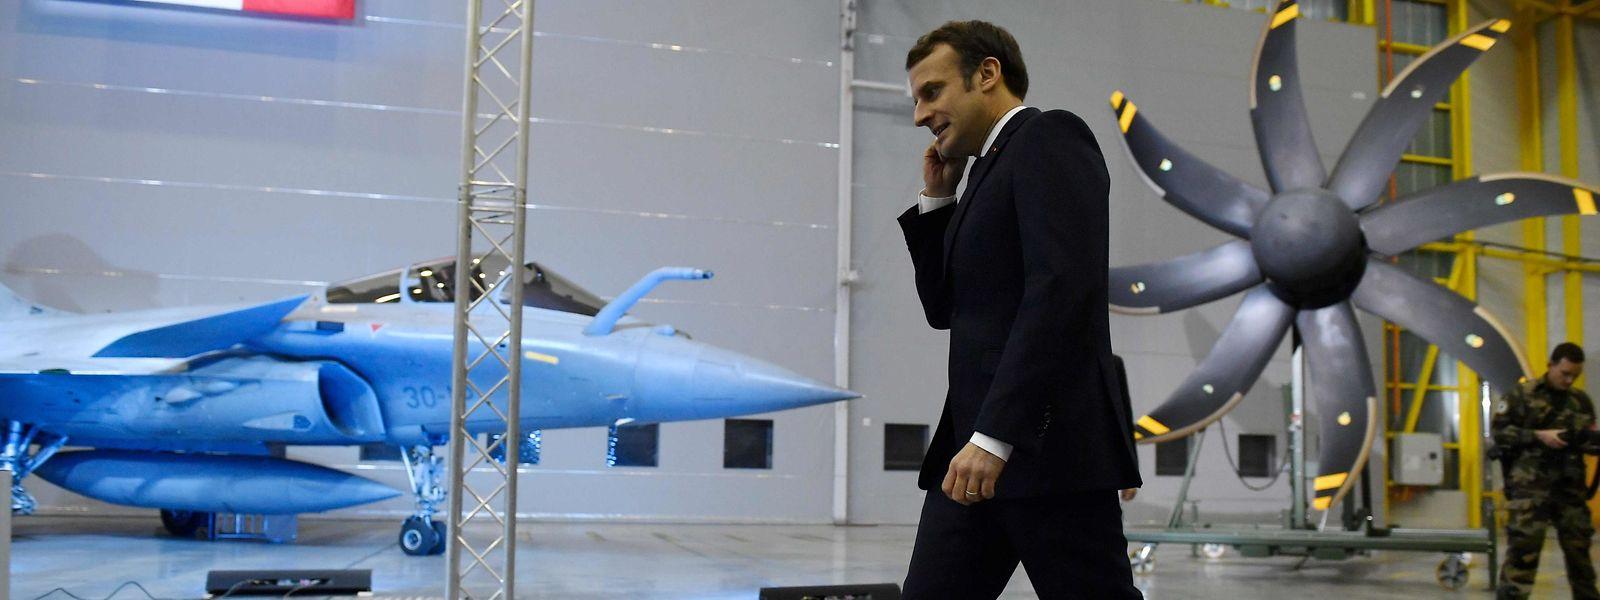 """Emmanuel Macron entend faire du """"Nation branding"""" en profitant du cadre royal du château de Louis XIV."""